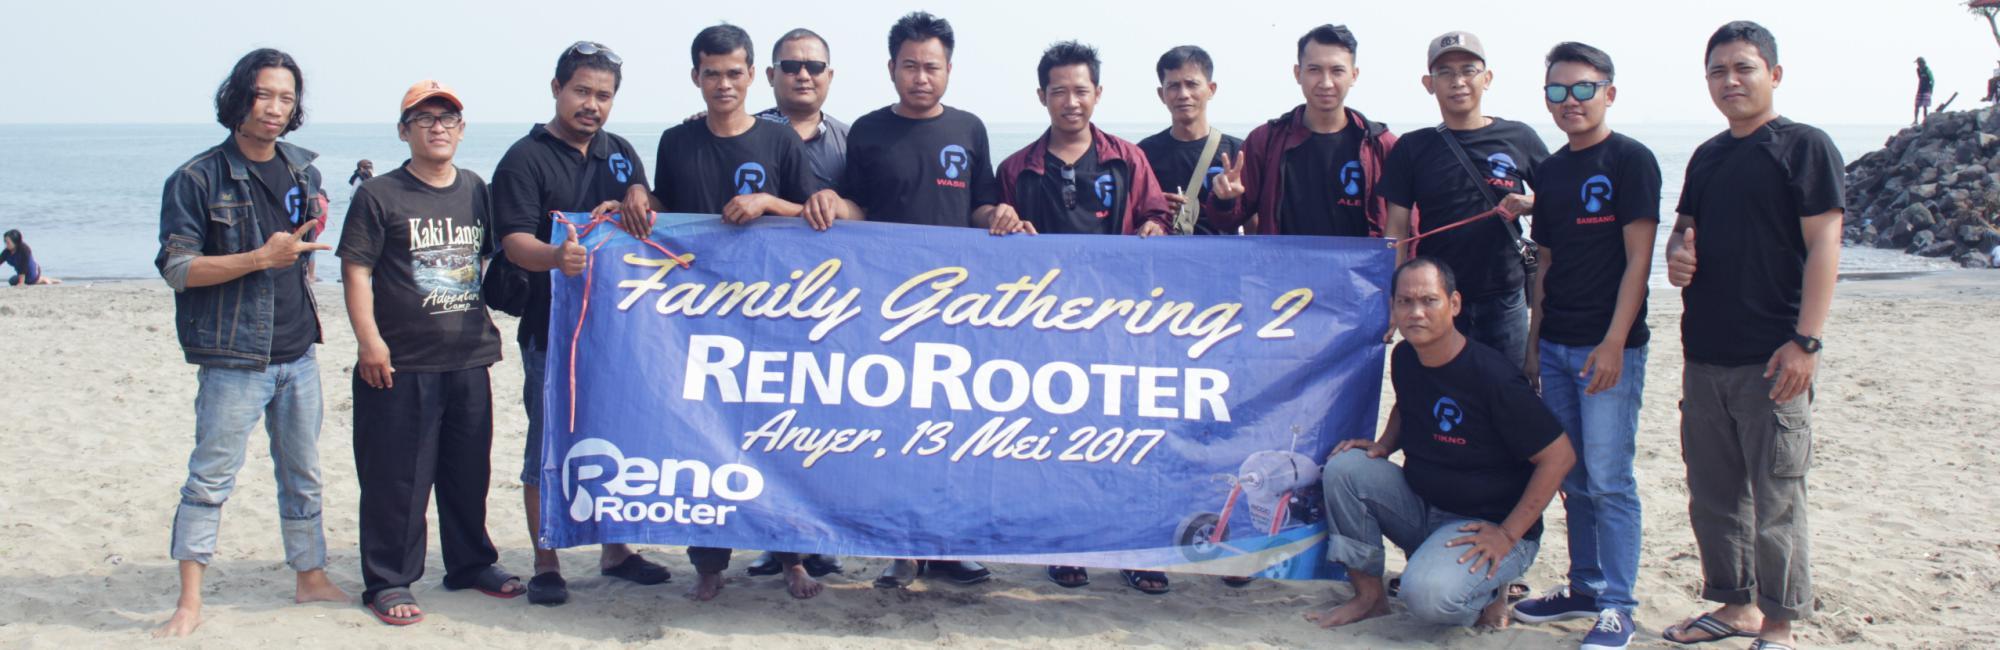 Reno Rooter